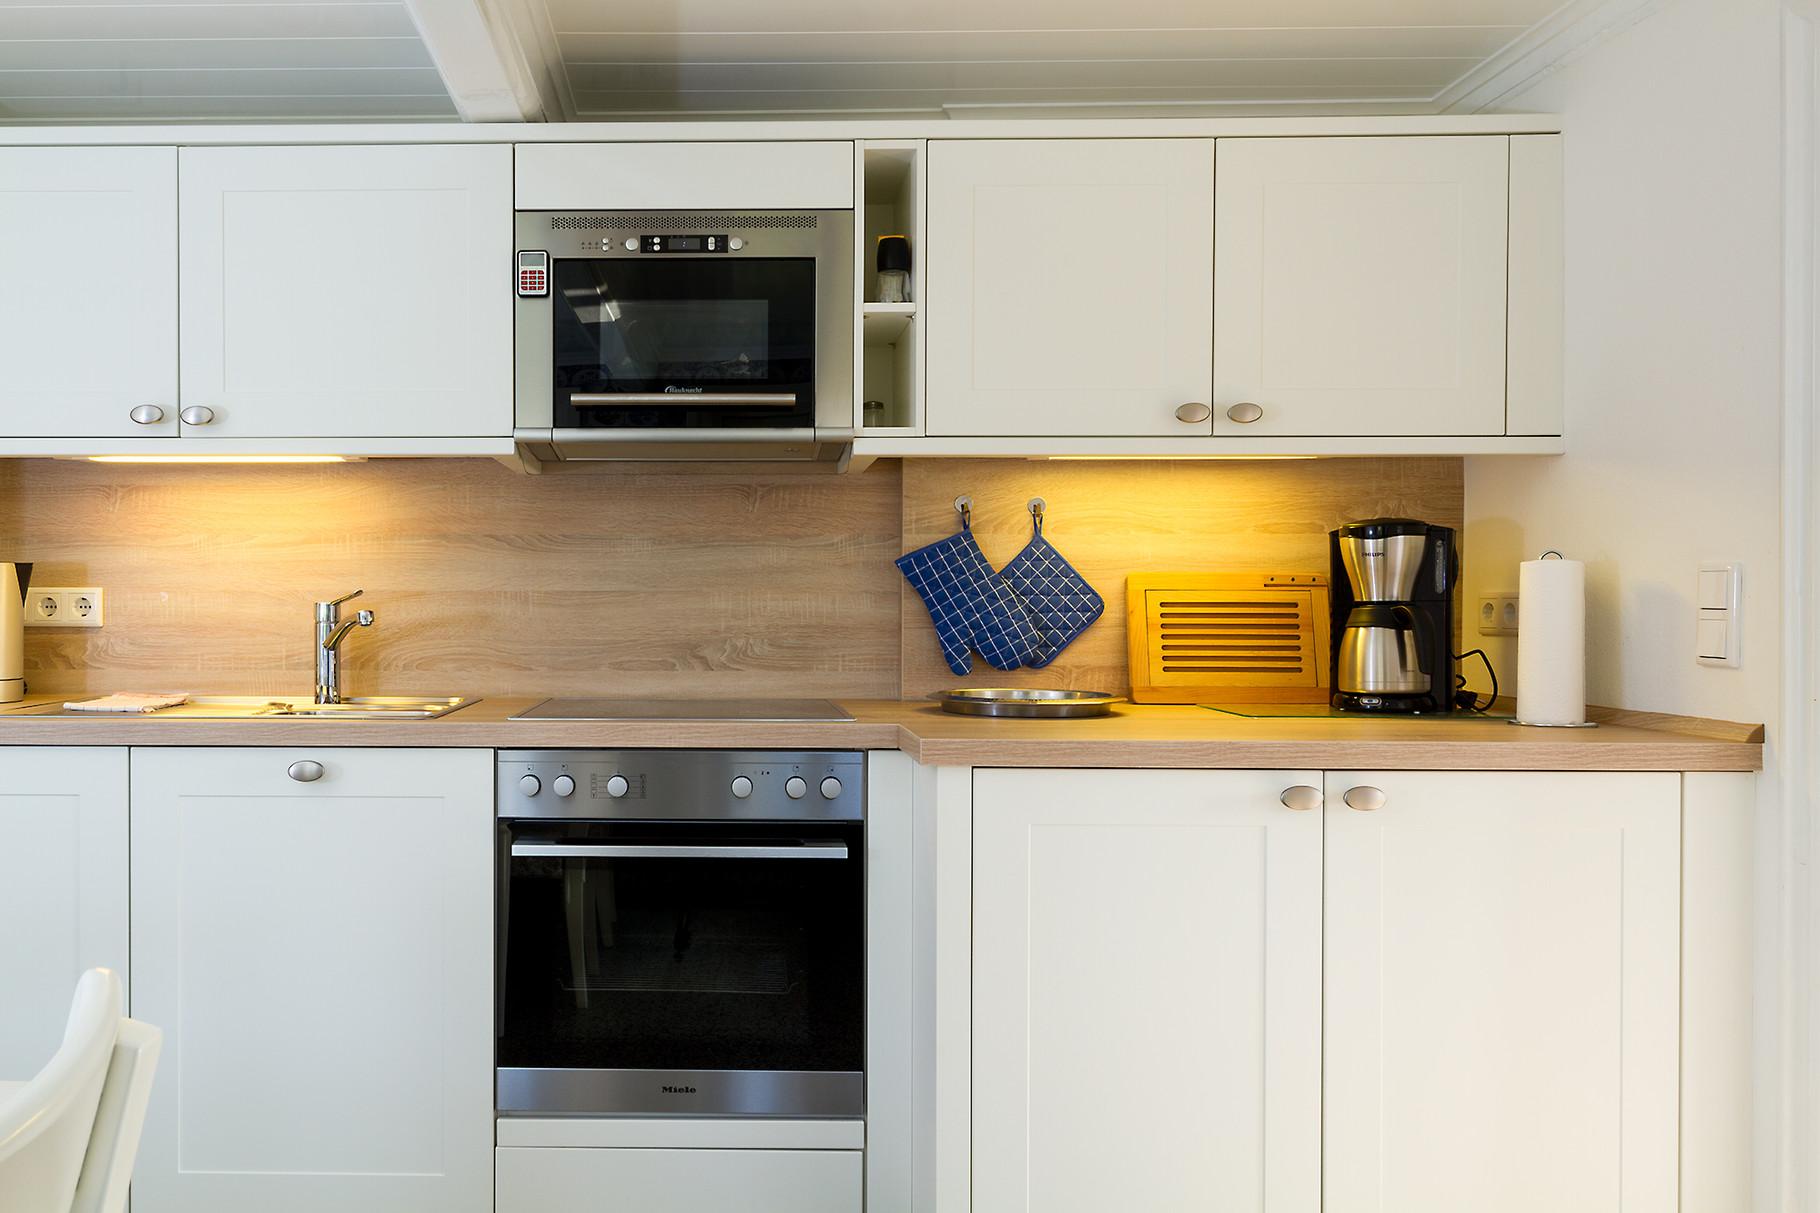 Küche in einer Ferienwohnung.